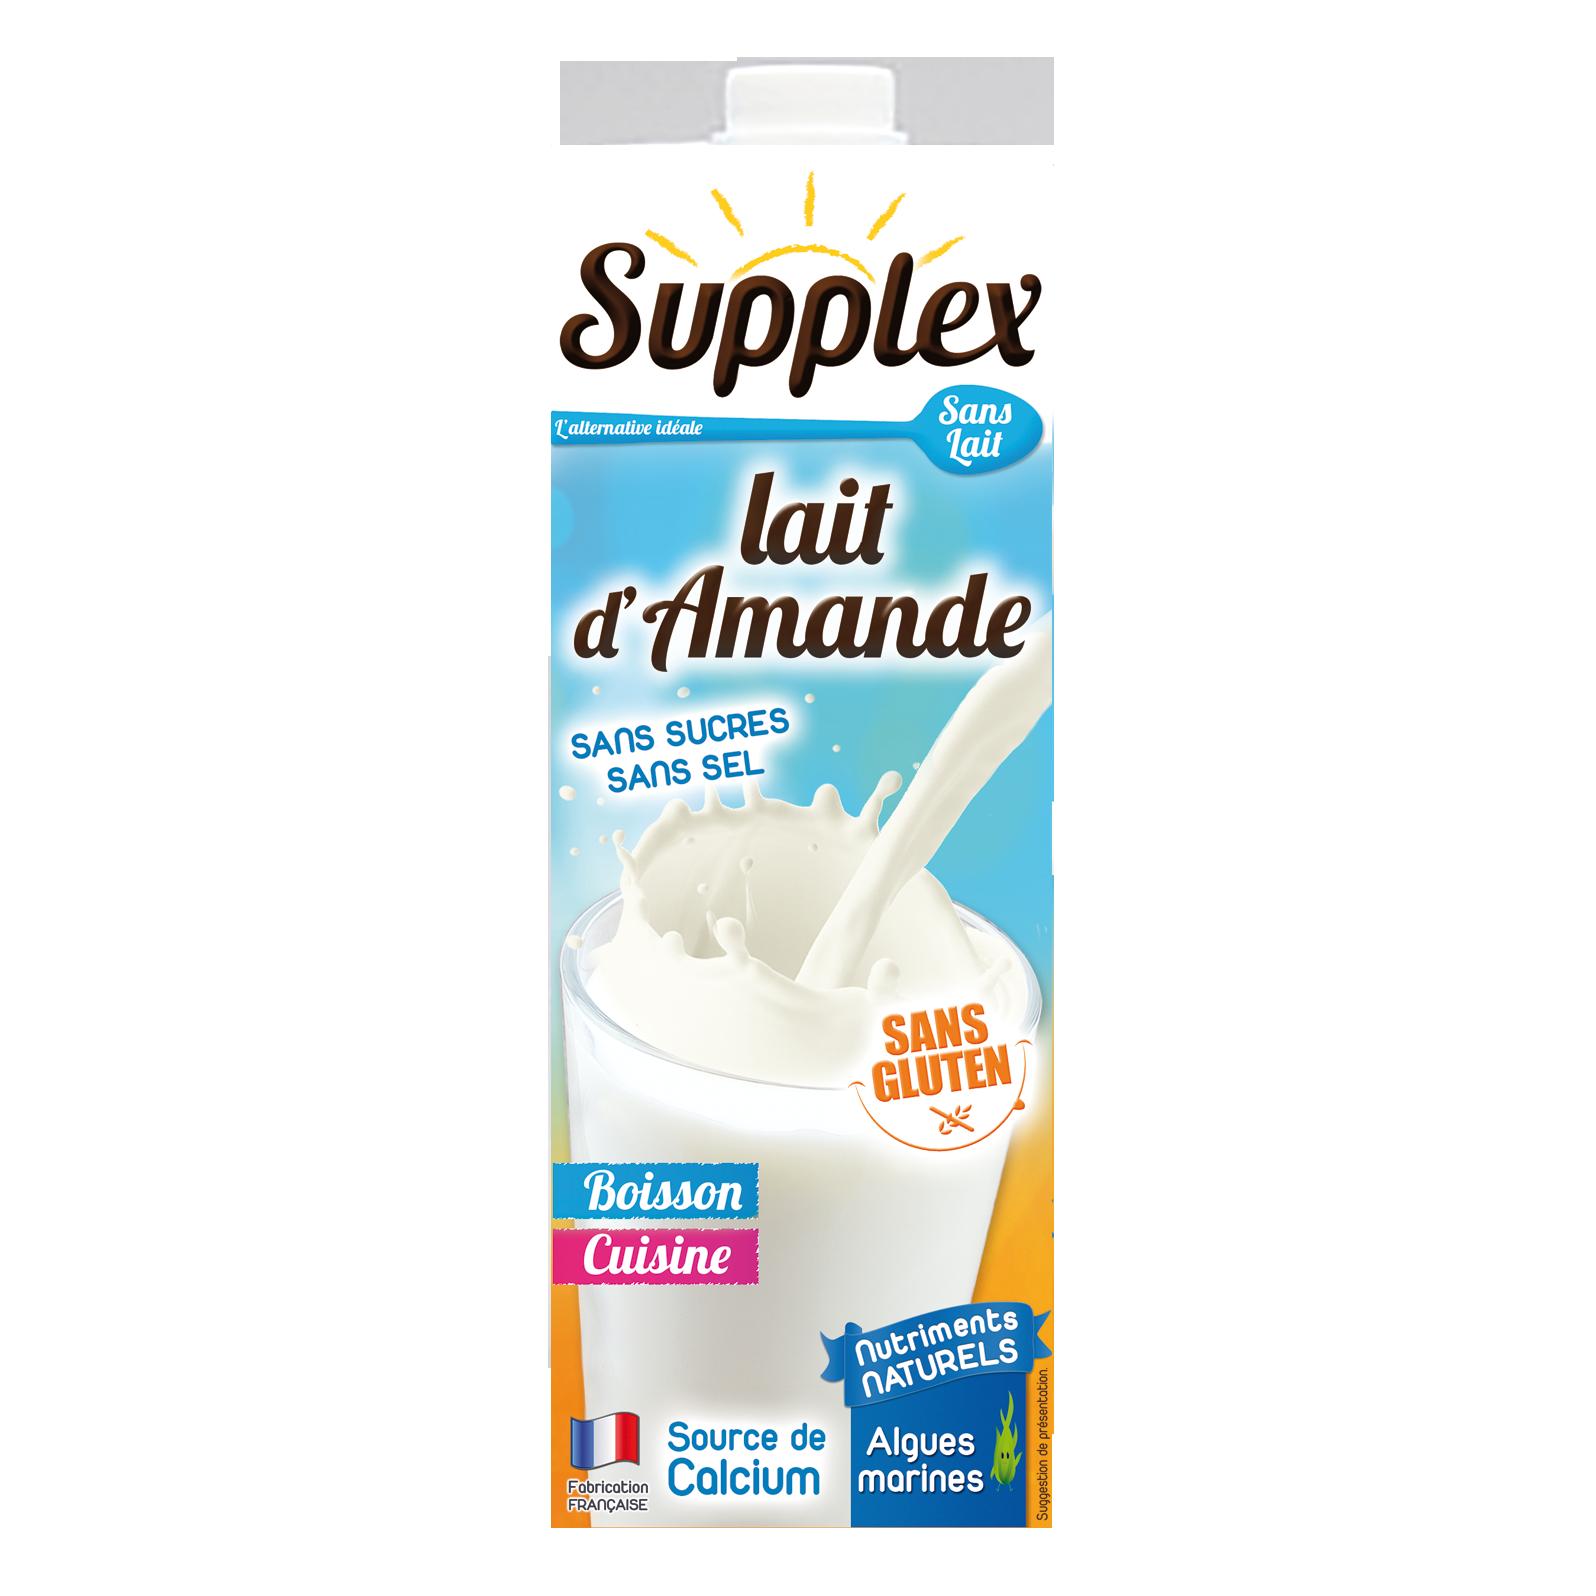 Lait d'Amande Supplex - SANS LAIT / SANS GLUTEN